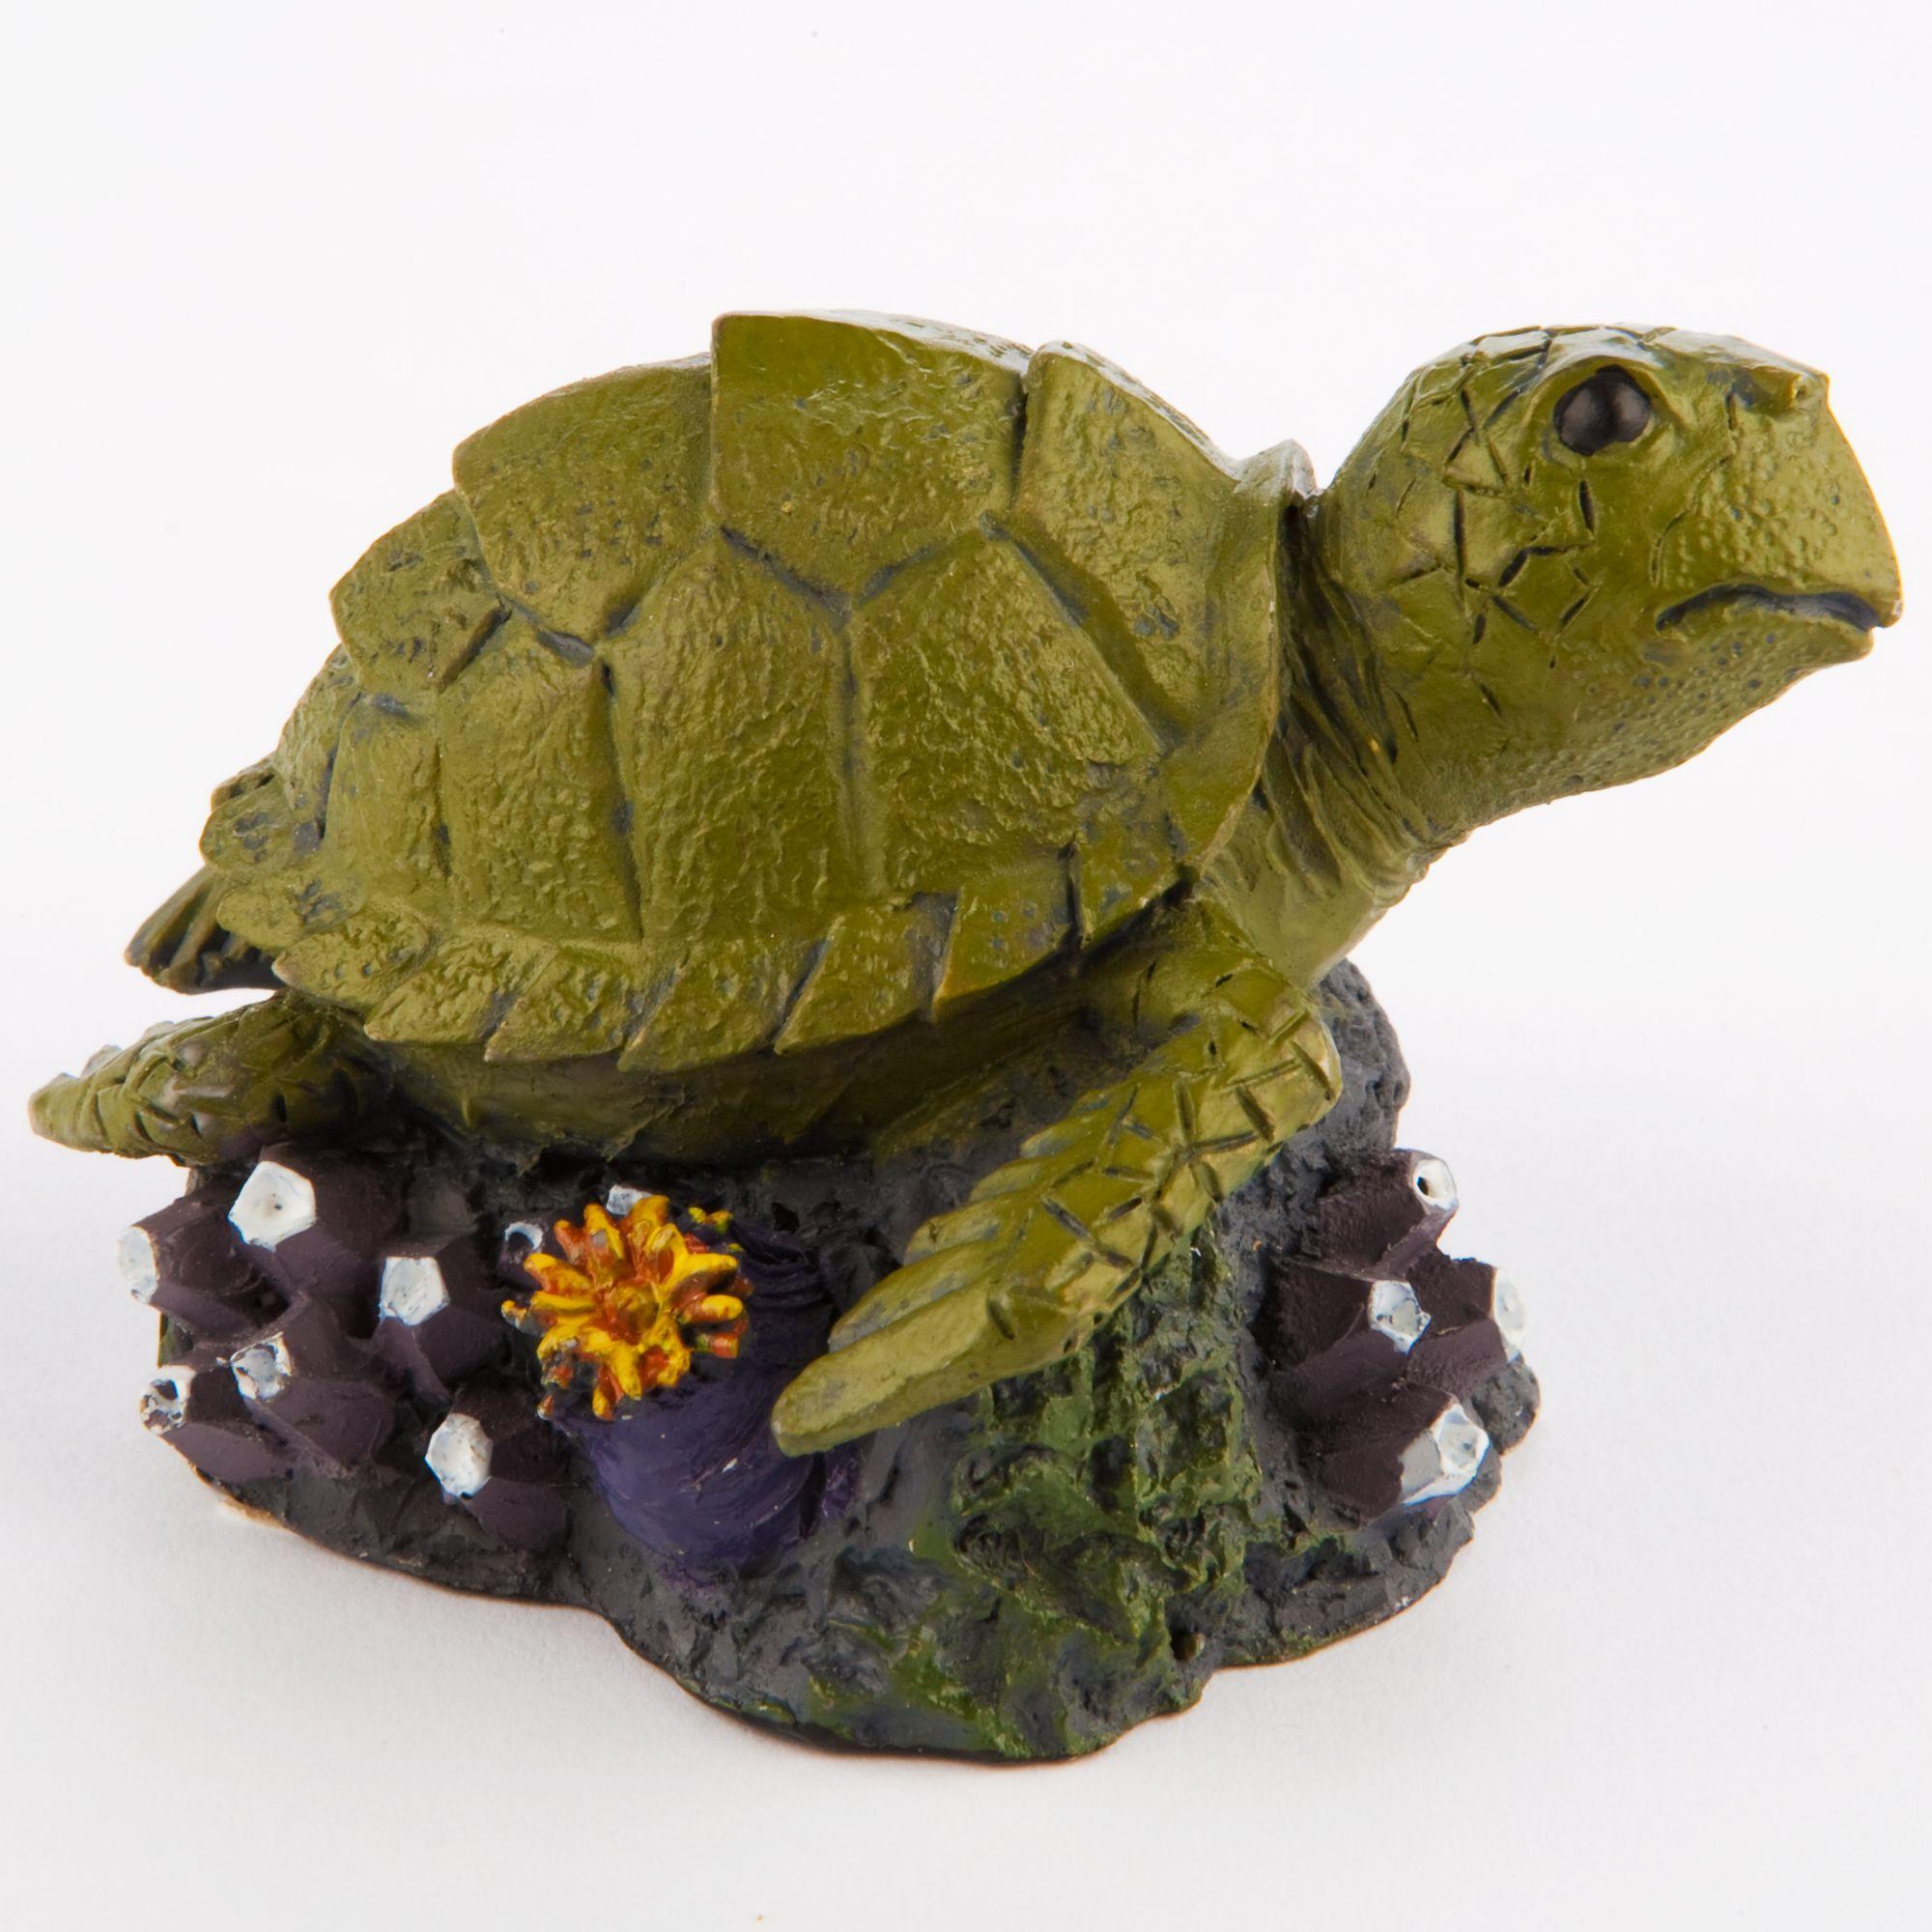 Turtle Aquarium - USA